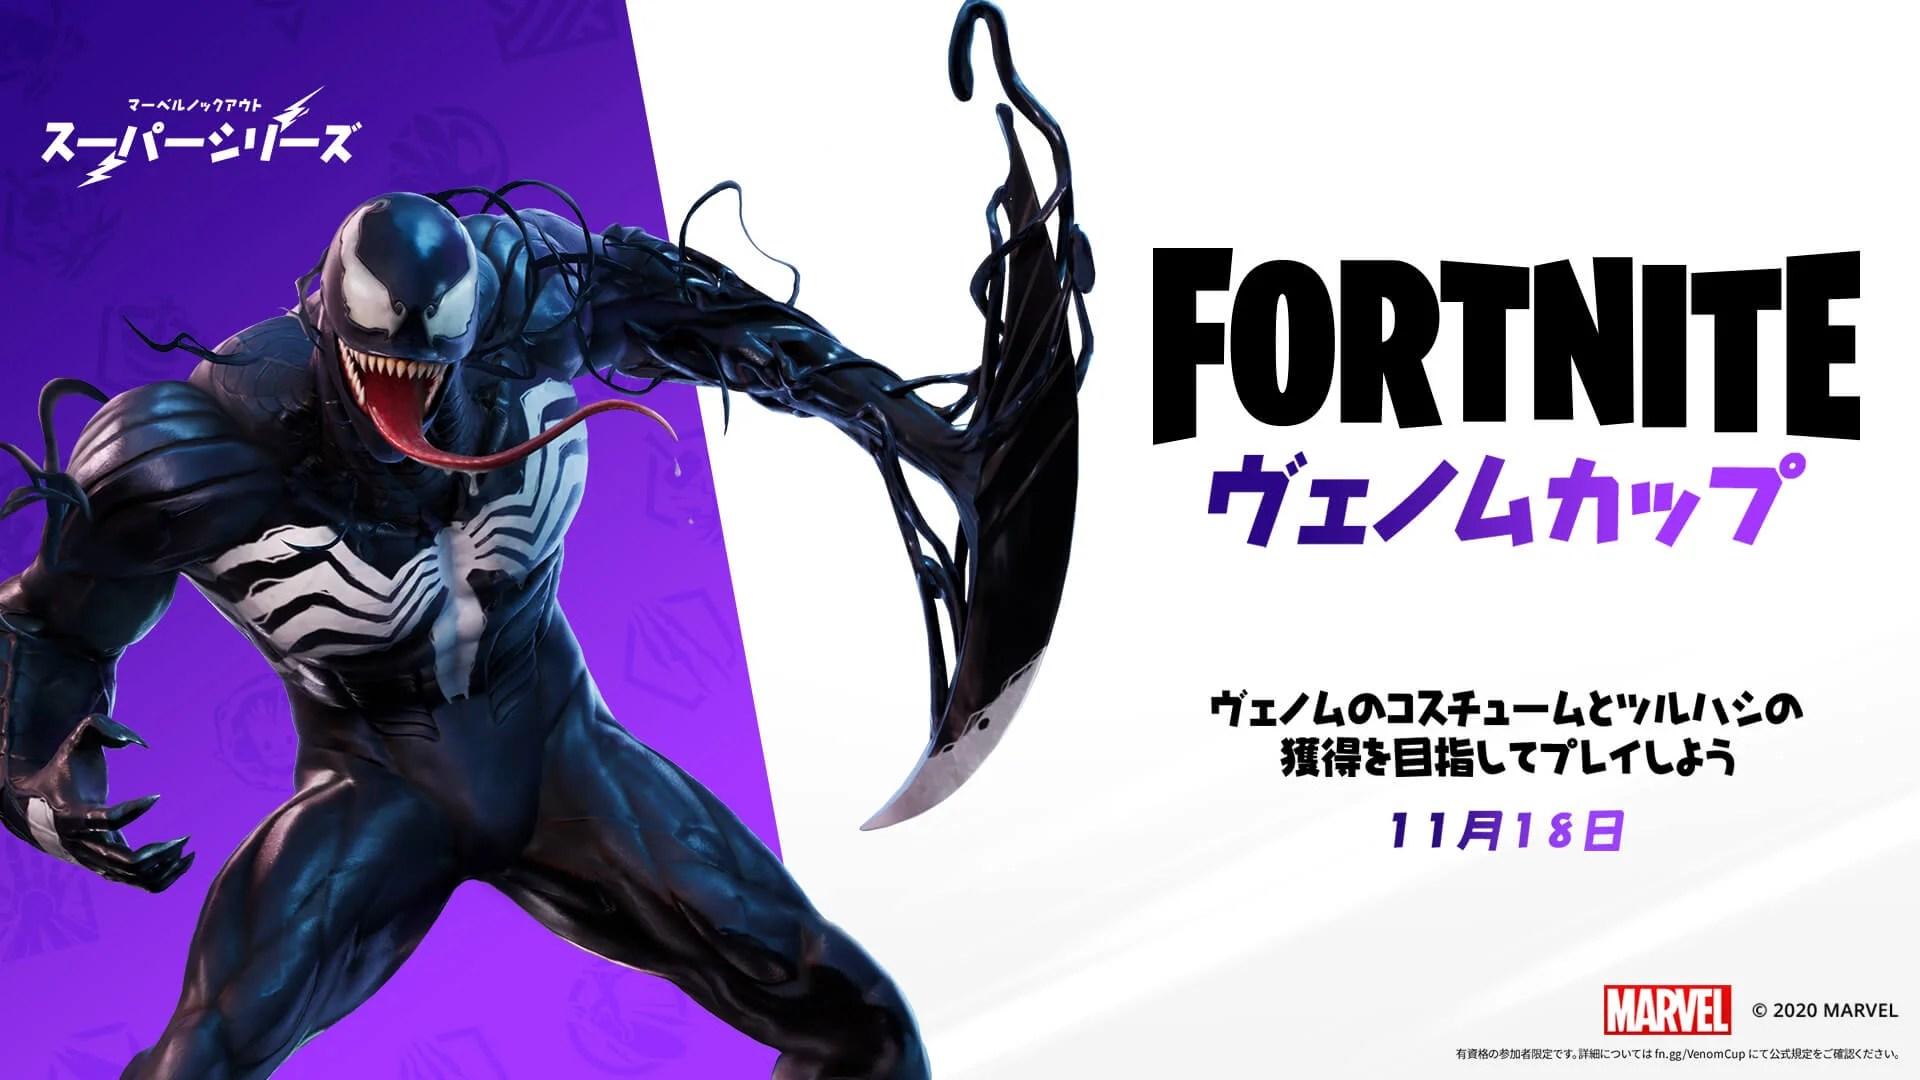 【フォートナイト】11/18よりヴェノムカップが開幕。上位に入賞して『ヴェノム』スキンをいち早くアンロックしよう!【Fortnite】